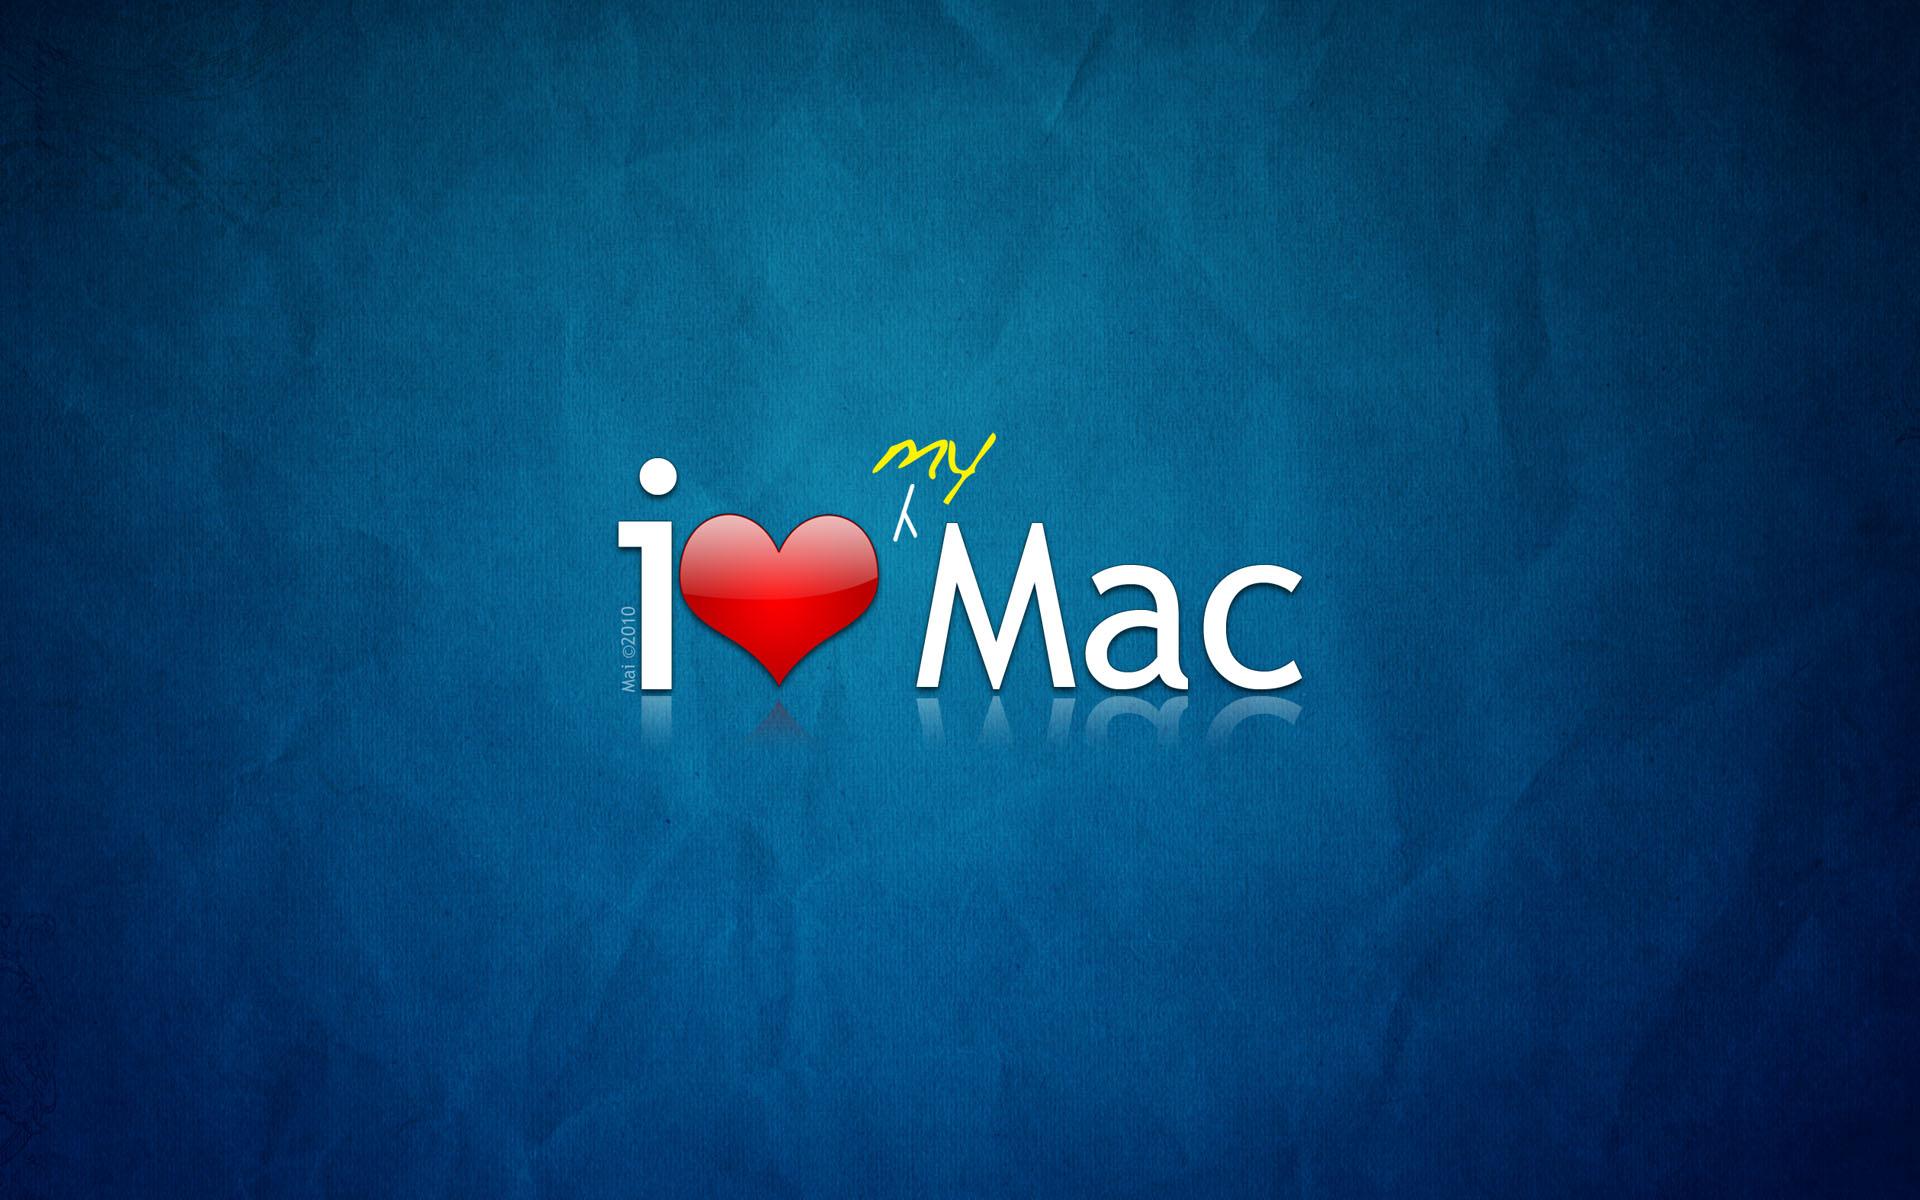 Wallpaper Mac Hd 1080p 1920x1200